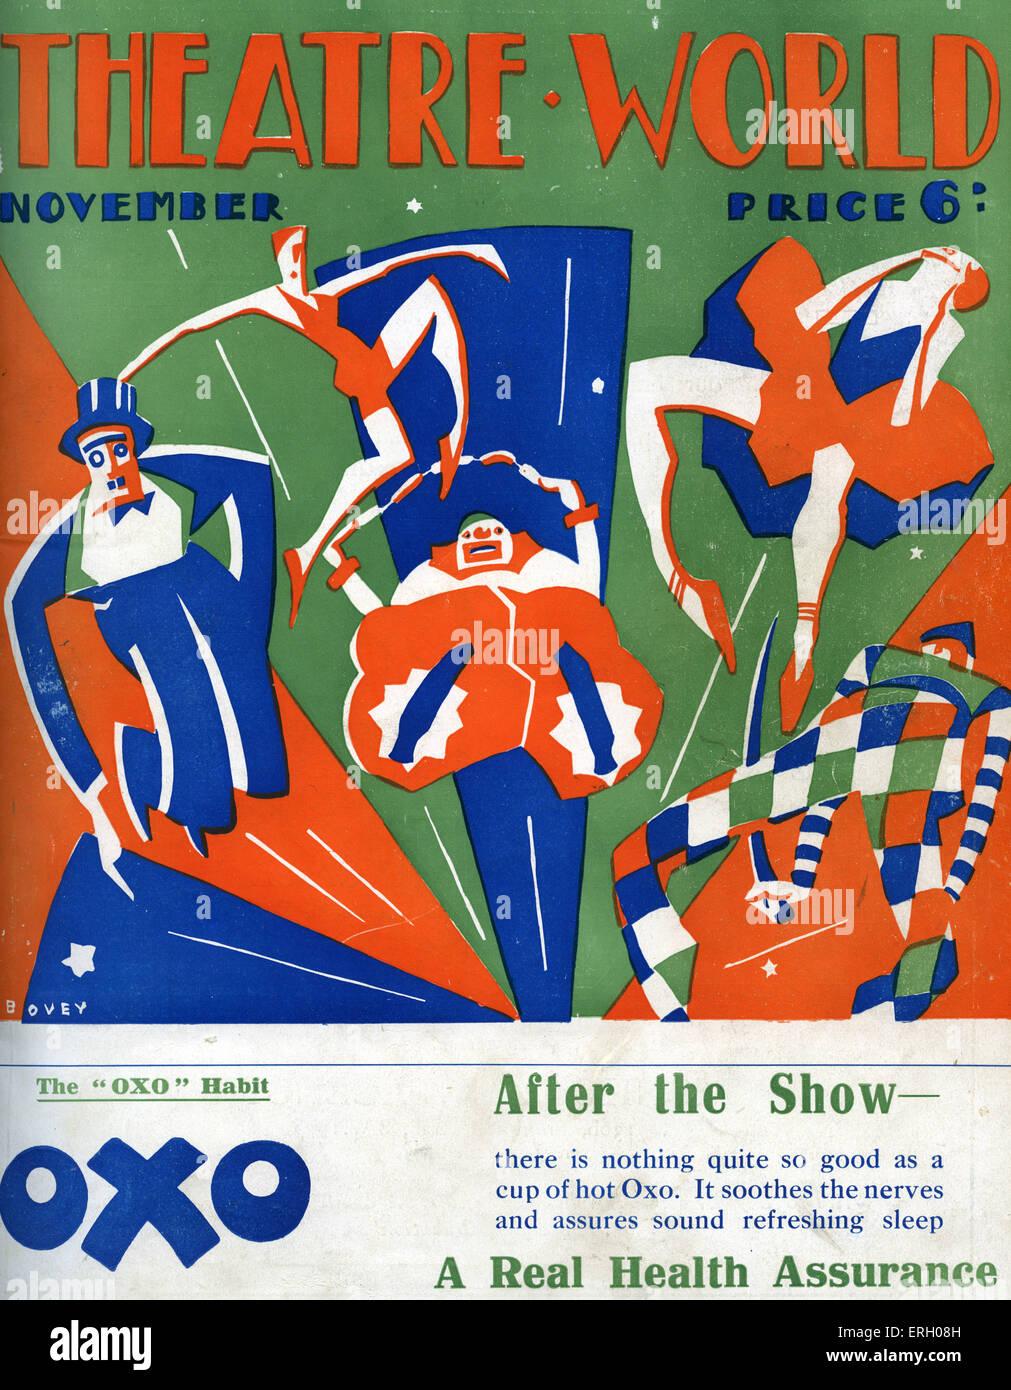 Theater Welt Abdeckung November 1926. Grafiken von Bovey. Artisten, Clowns, Trapezkünstler, Harlekin, Seiltänzer. Stockbild